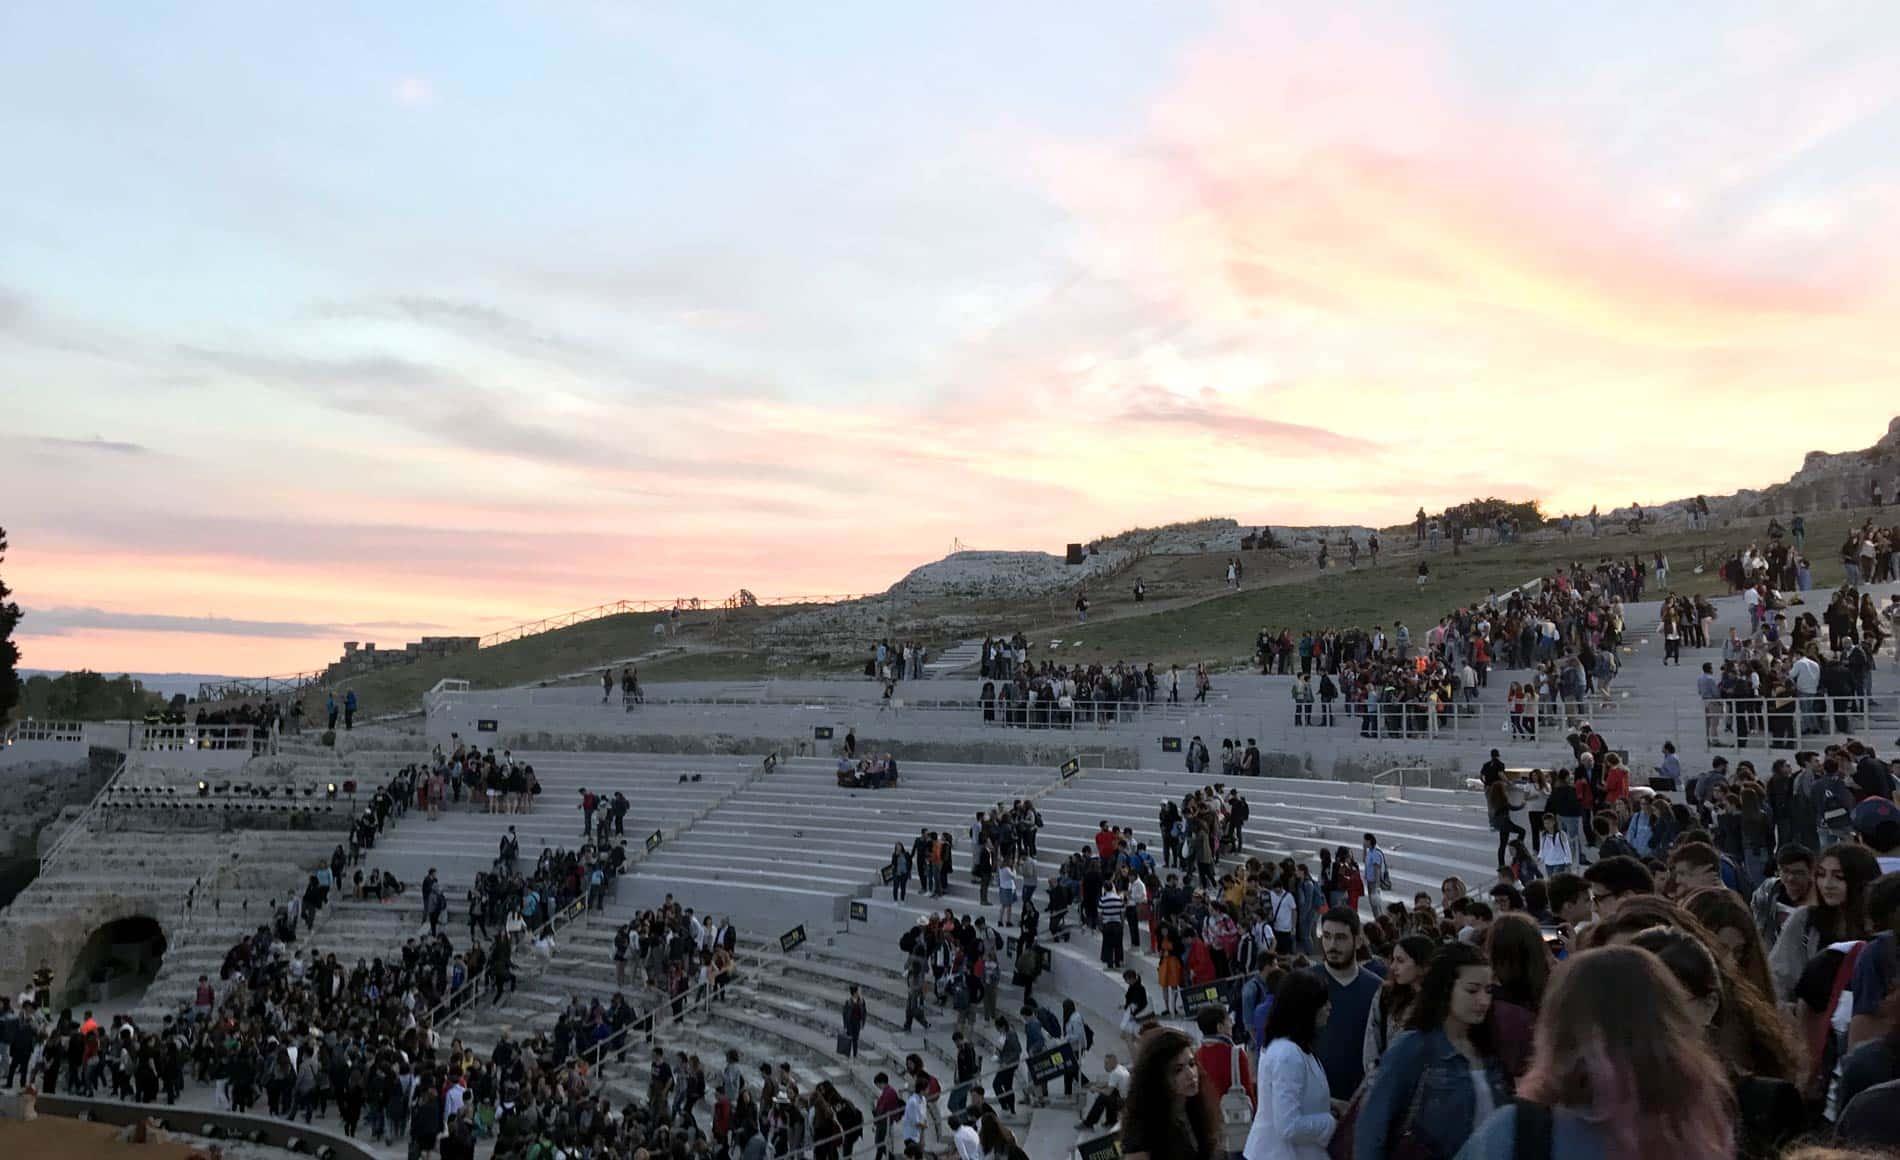 Sette contro Tebe al teatro greco di Siracusa